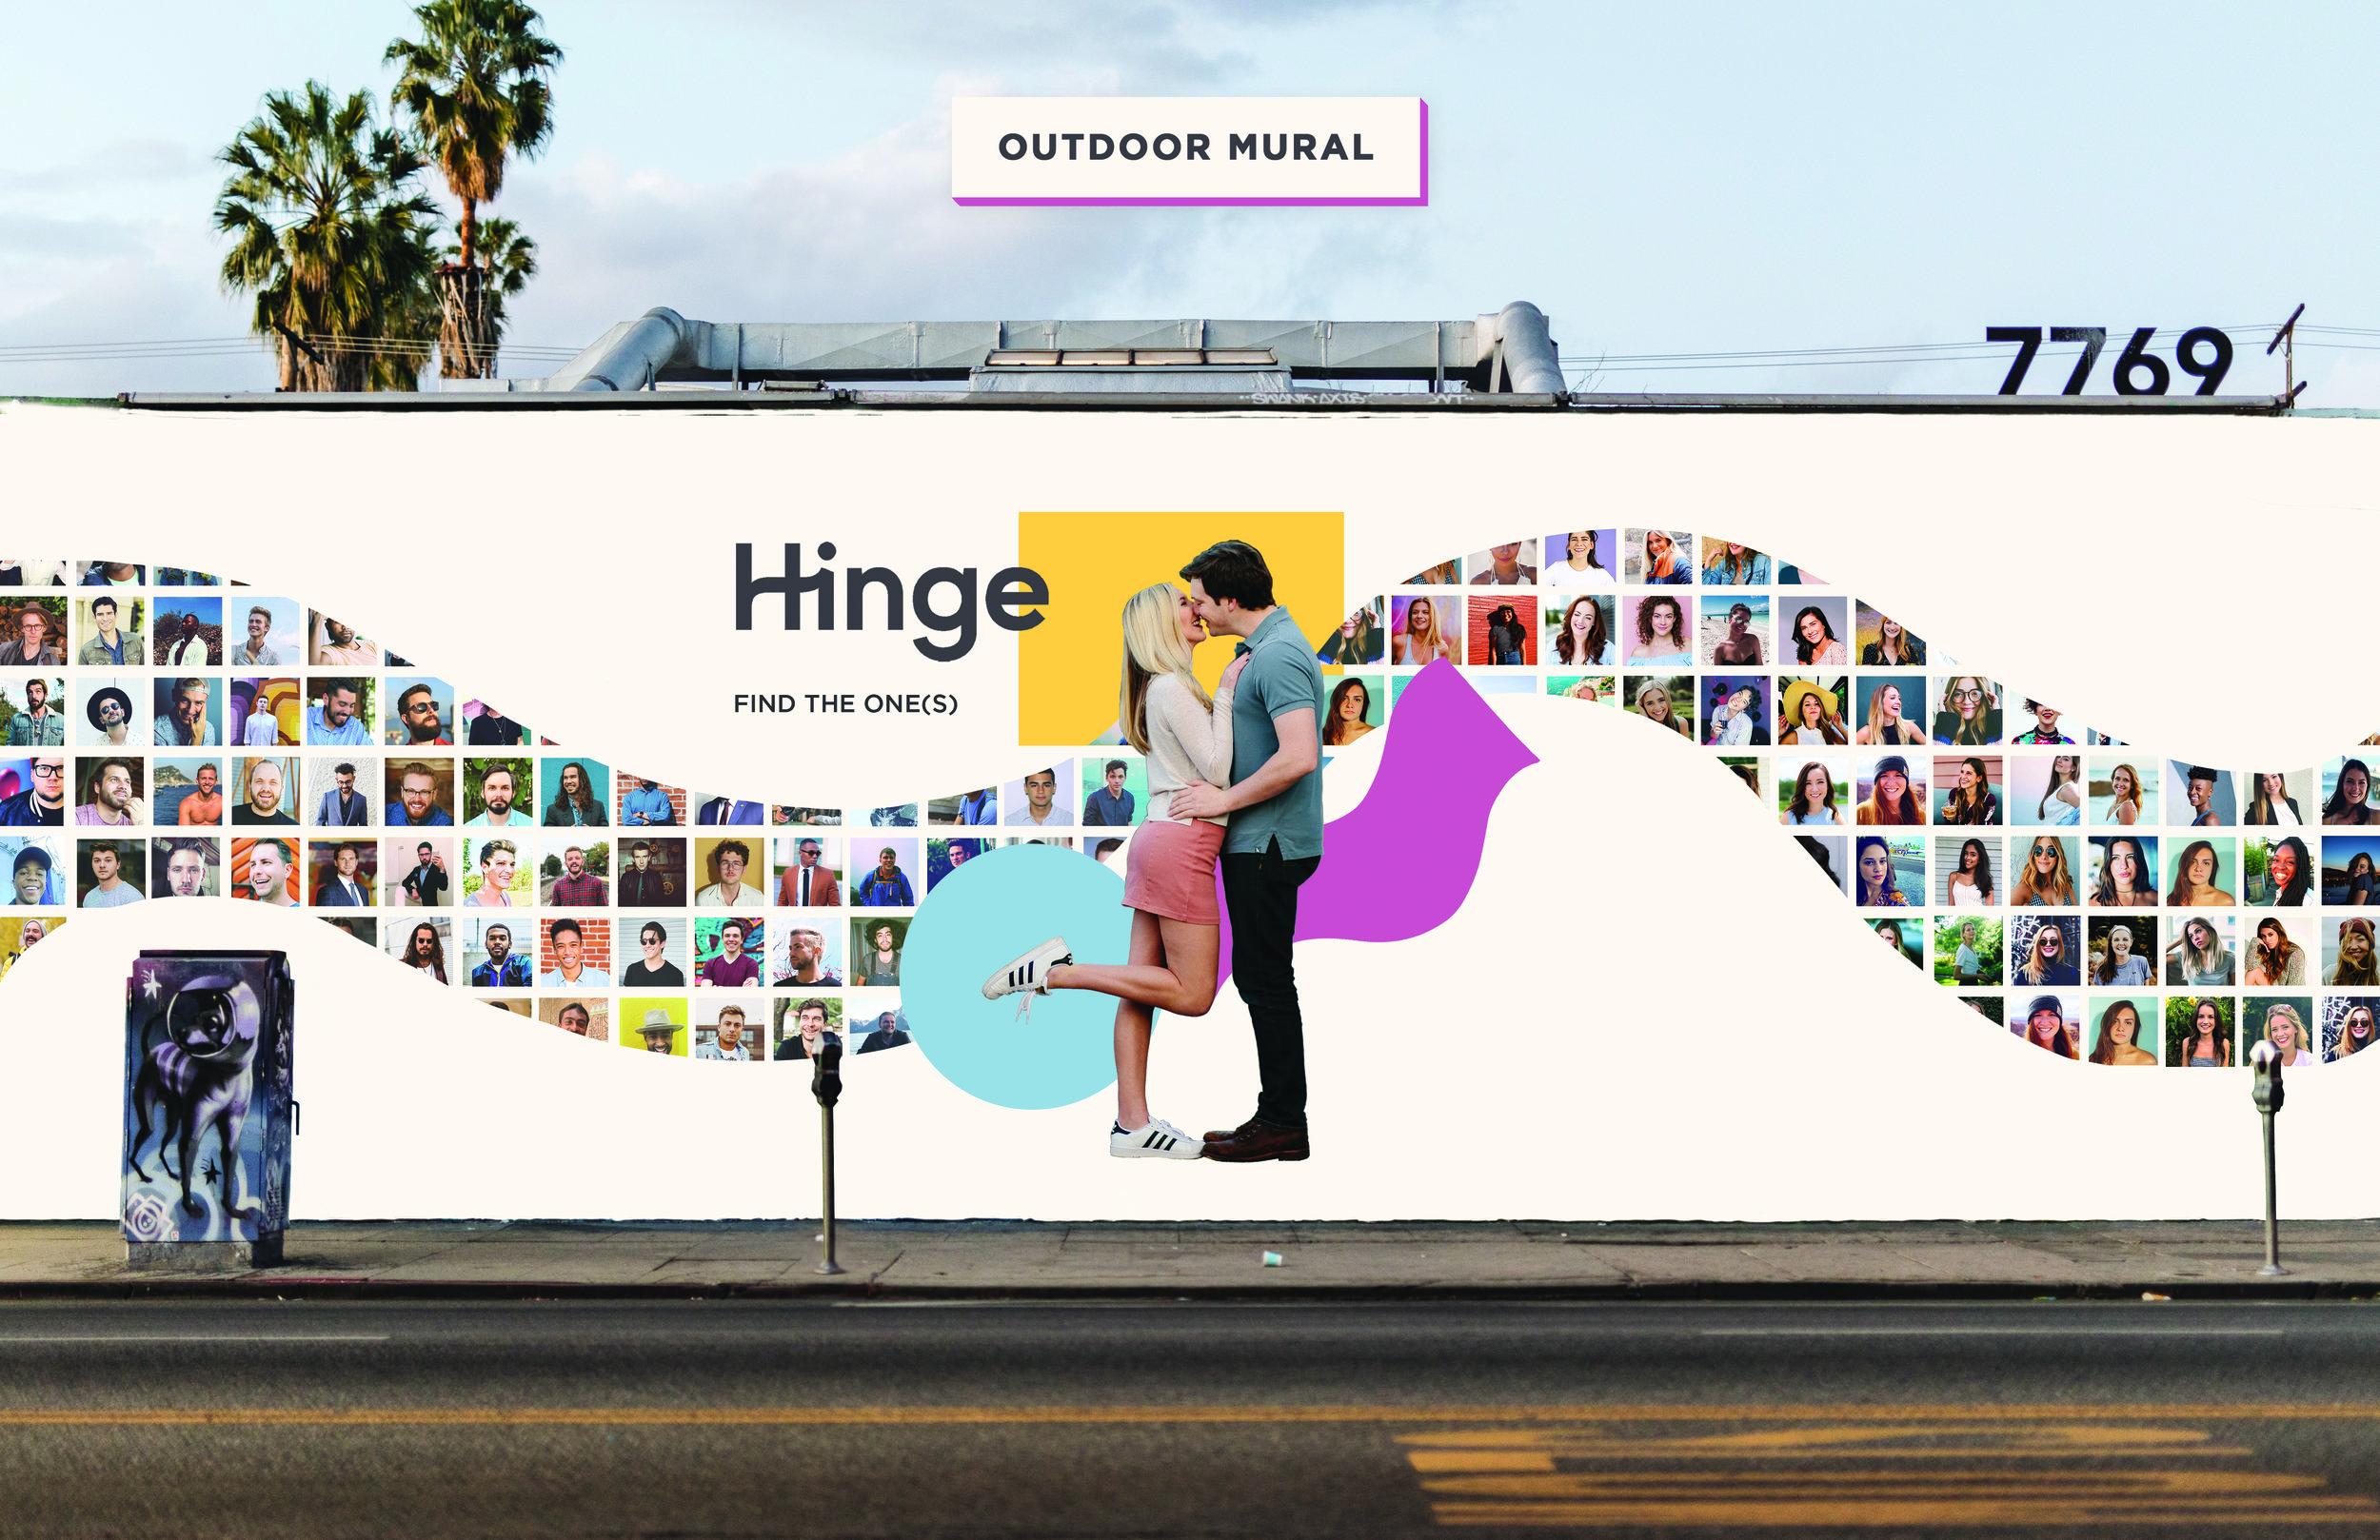 Outdoor Mural 11x17.jpg